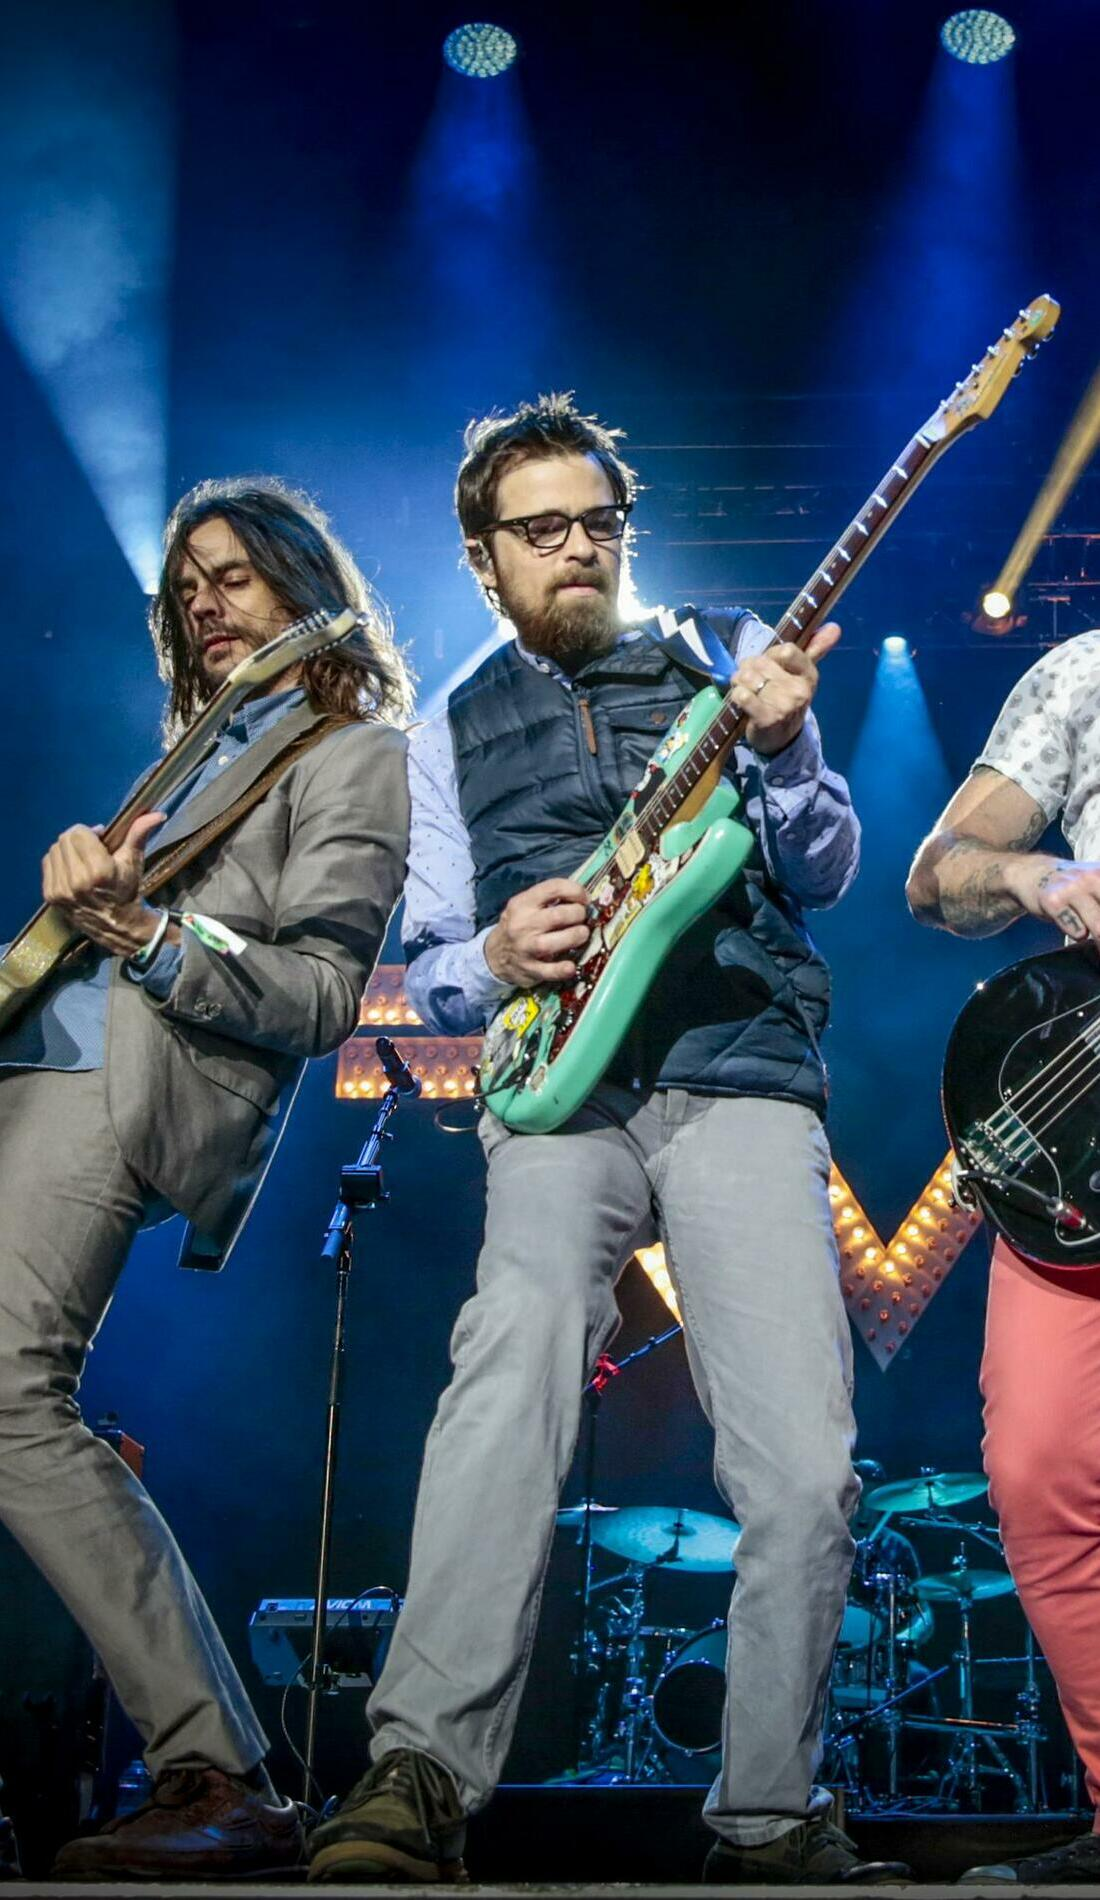 A Weezer live event